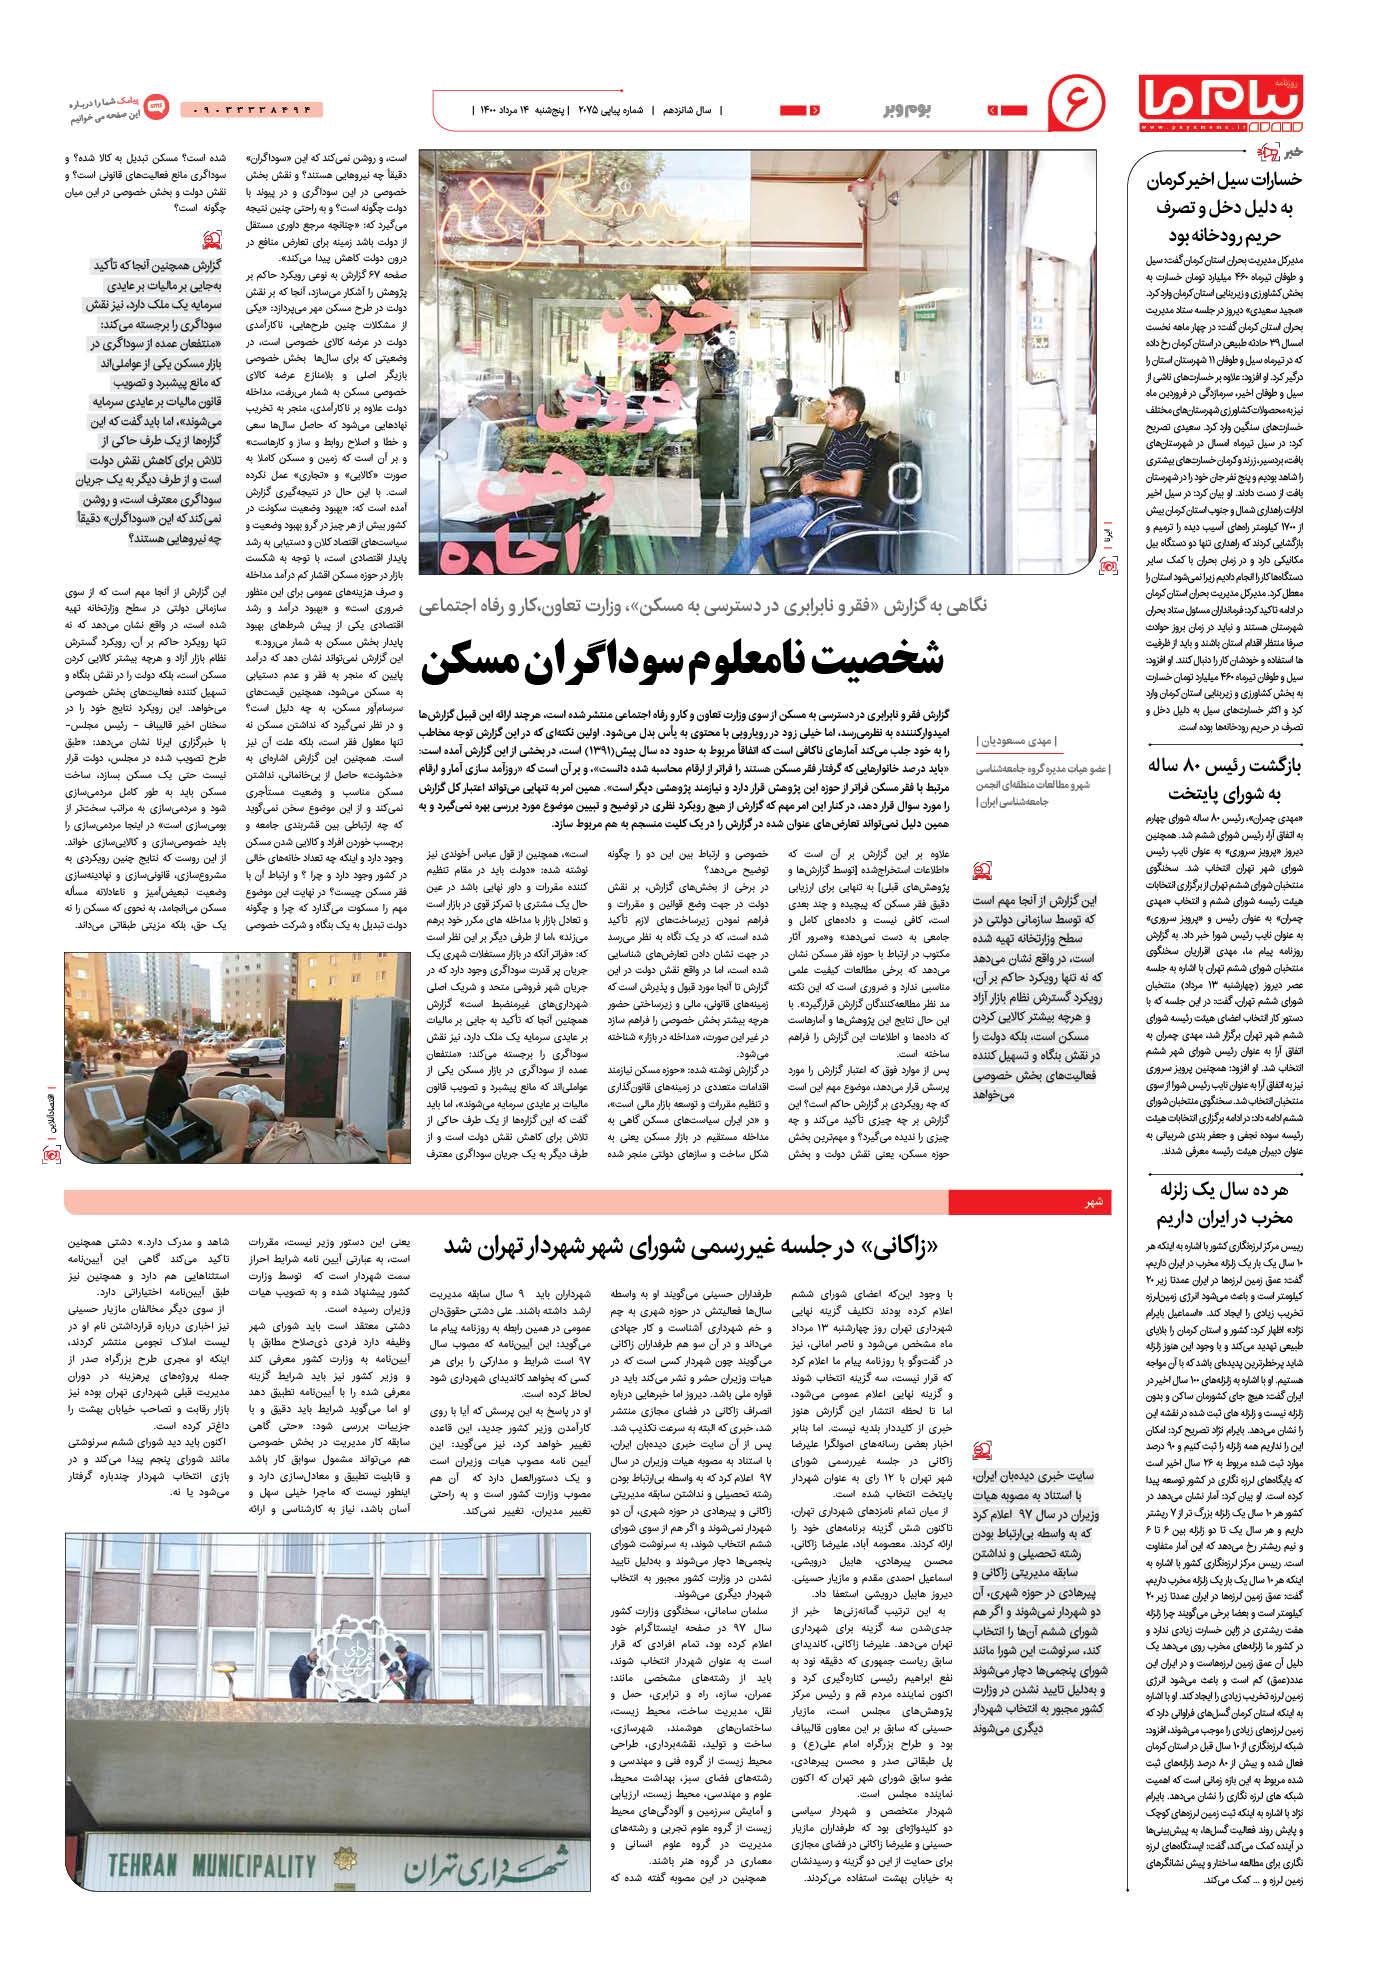 «زاکانی» در جلسه غیررسمی شورای شهر شهردار تهران شد